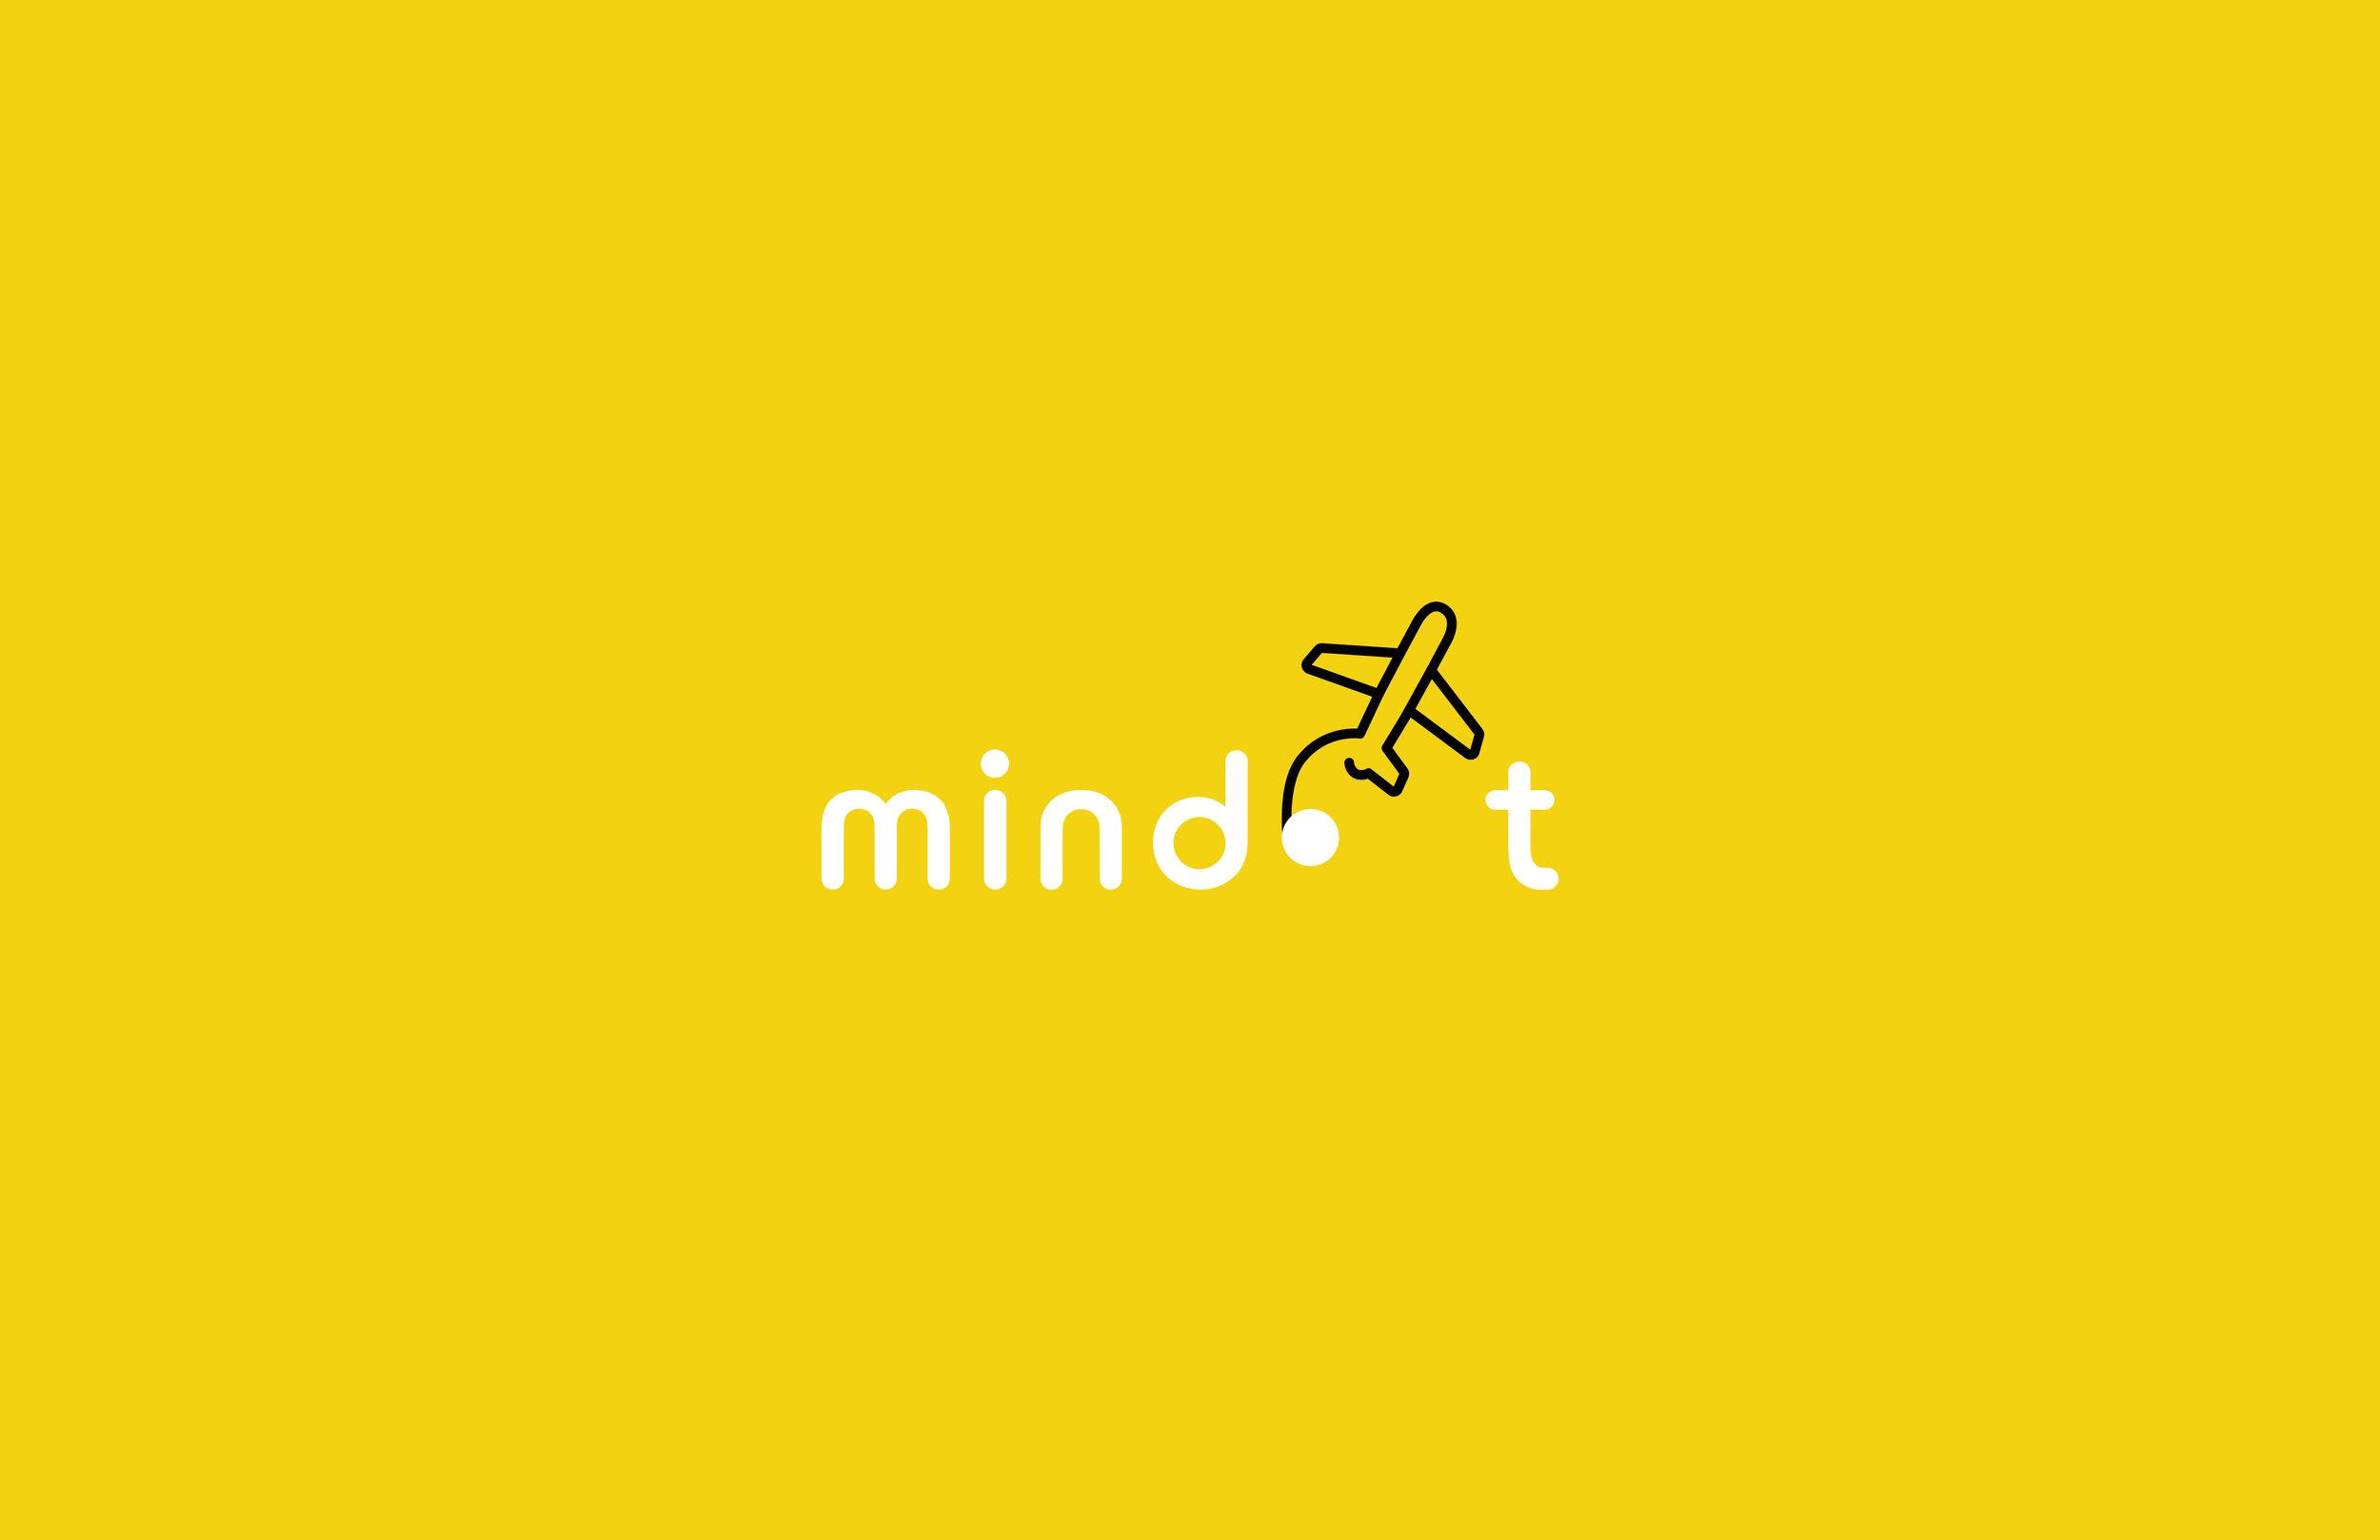 mindot_branding_12312016-10.jpg